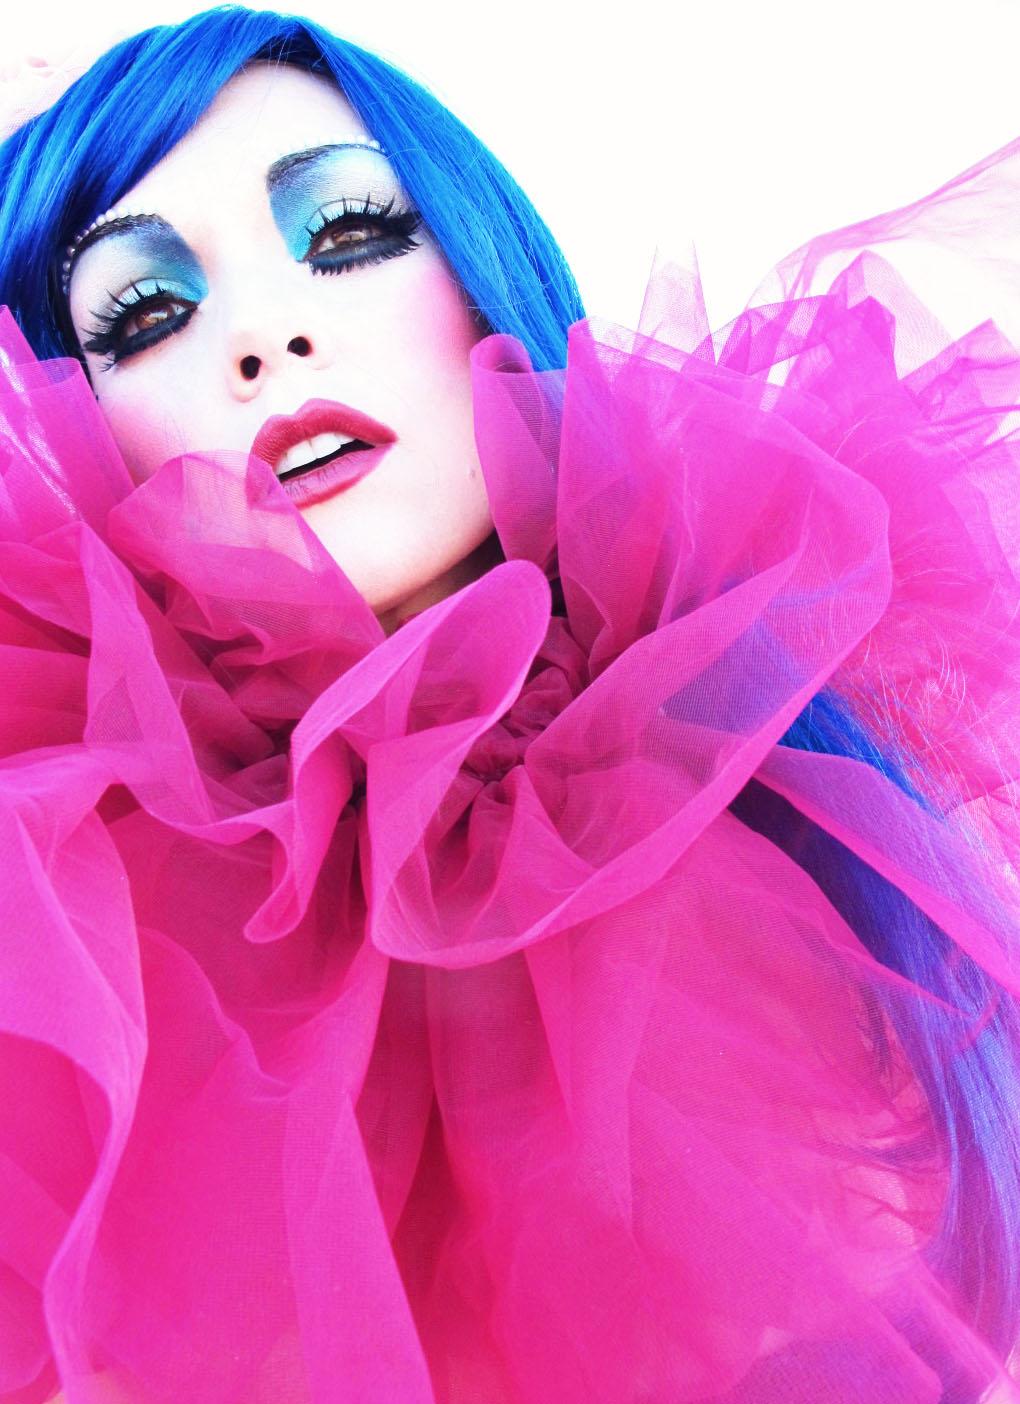 Katy Perry Blue Hair Costume Ideas